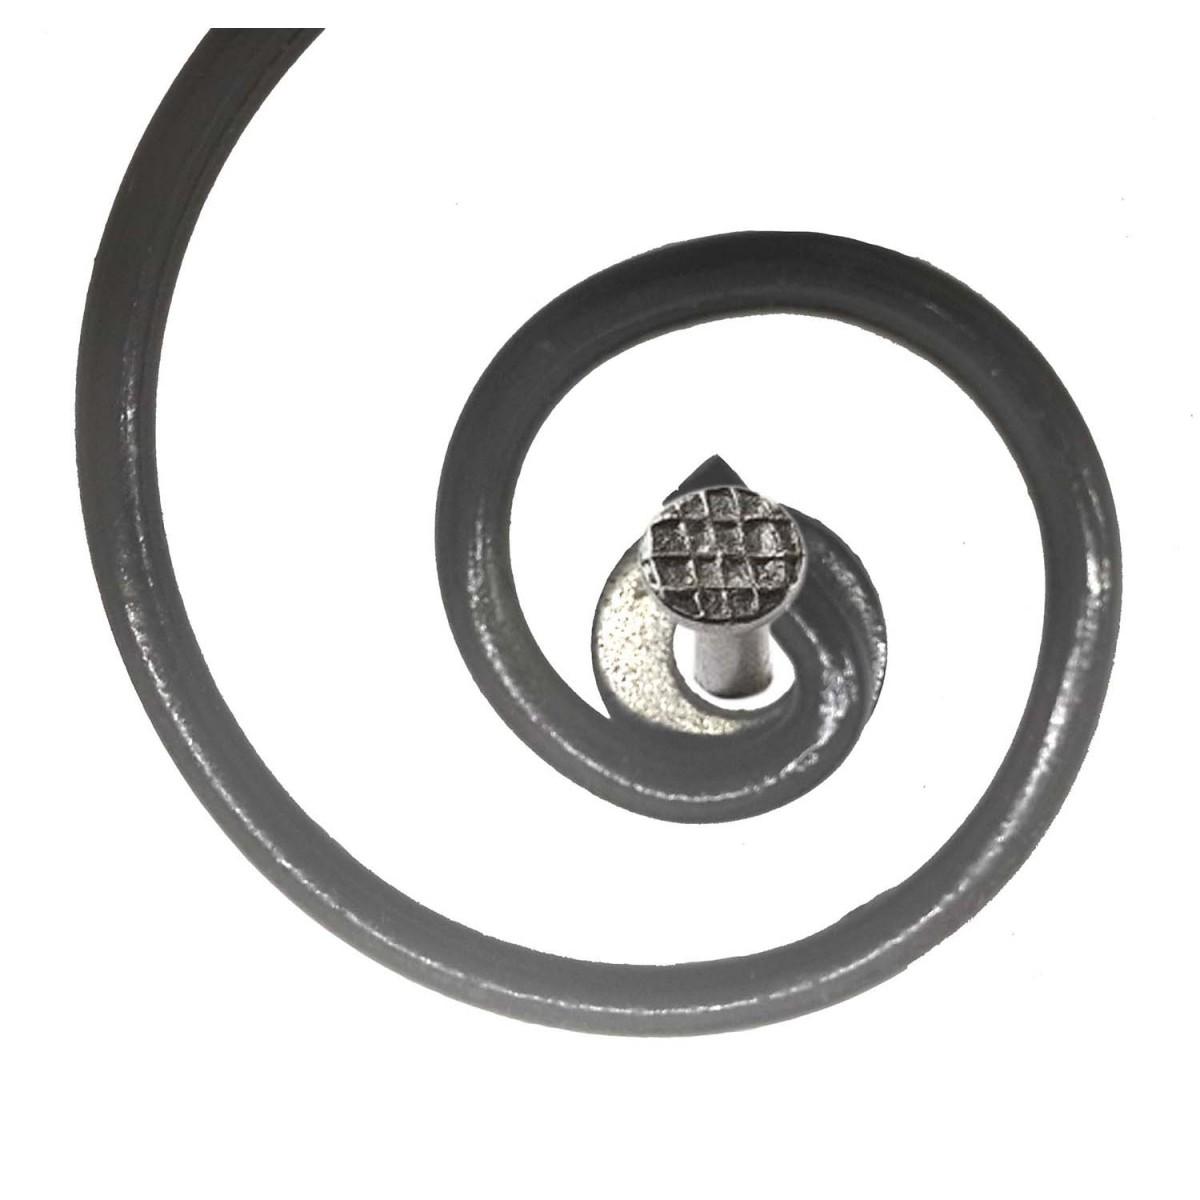 Gancho de Ferro Duplo Para Chapeu Bolsa Bone Enfeite Arara Vermelha Pendura Kit Com 2 (pt-c-j)